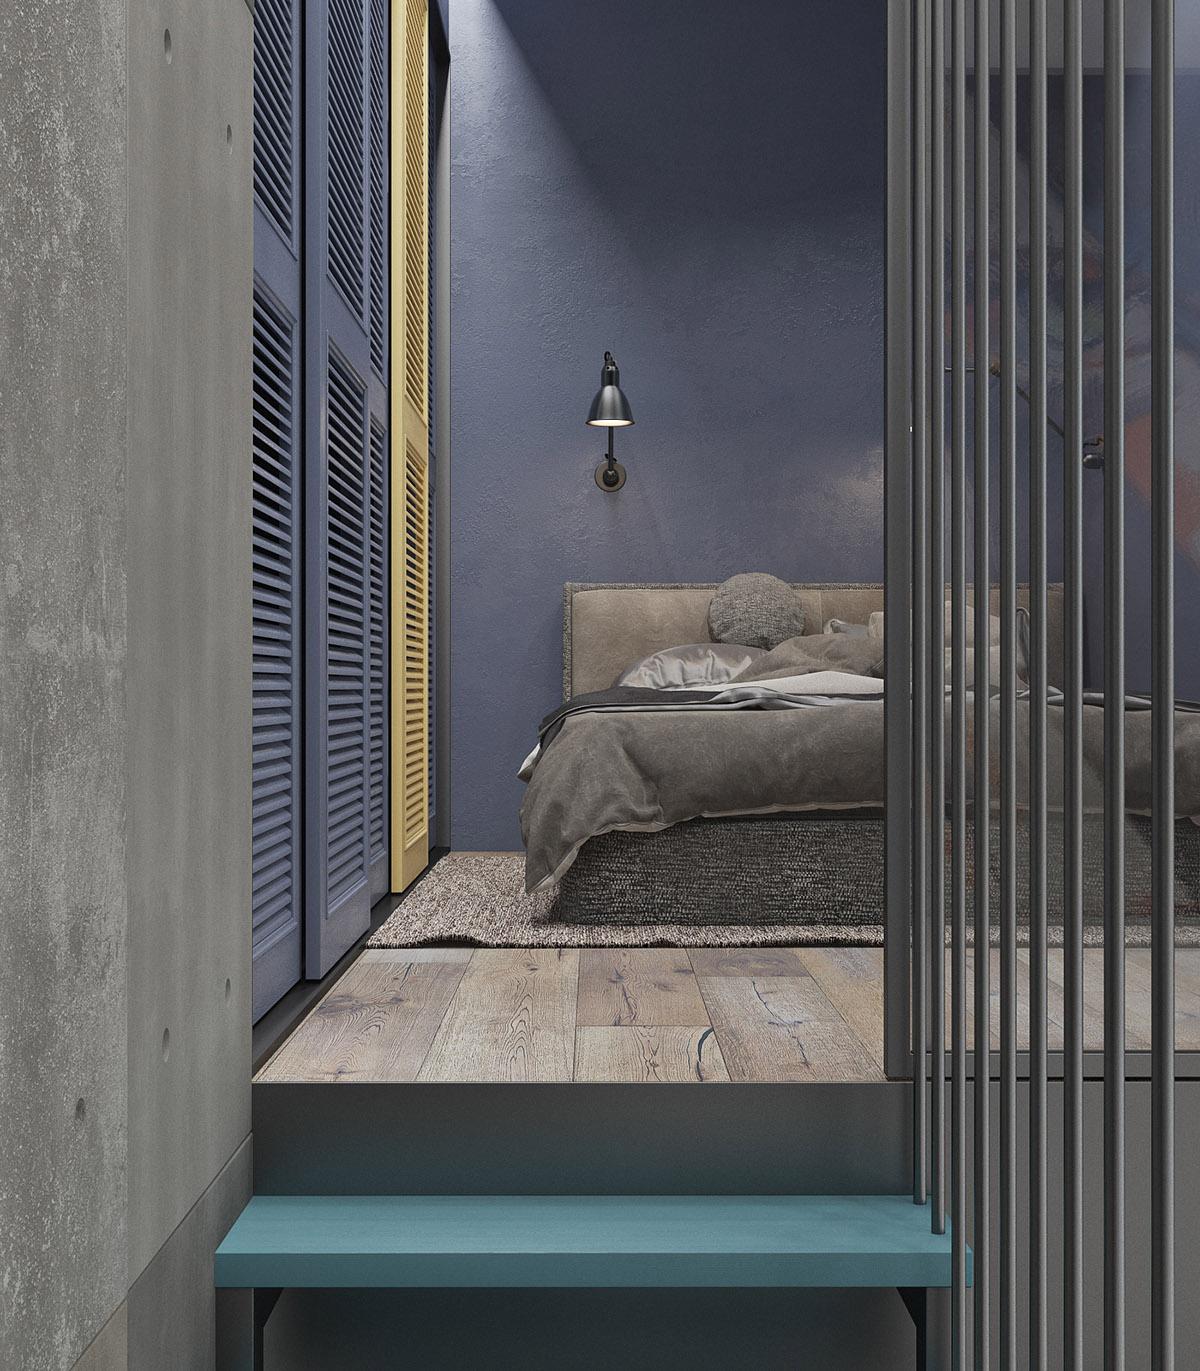 các bậc thang chuyển từ gỗ chưa hoàn thiện sang bậc thang sơn màu xanh nước biển. Một phòng ngủ màu xanh hoa ngô đang đợi ở cuối con đường mòn.